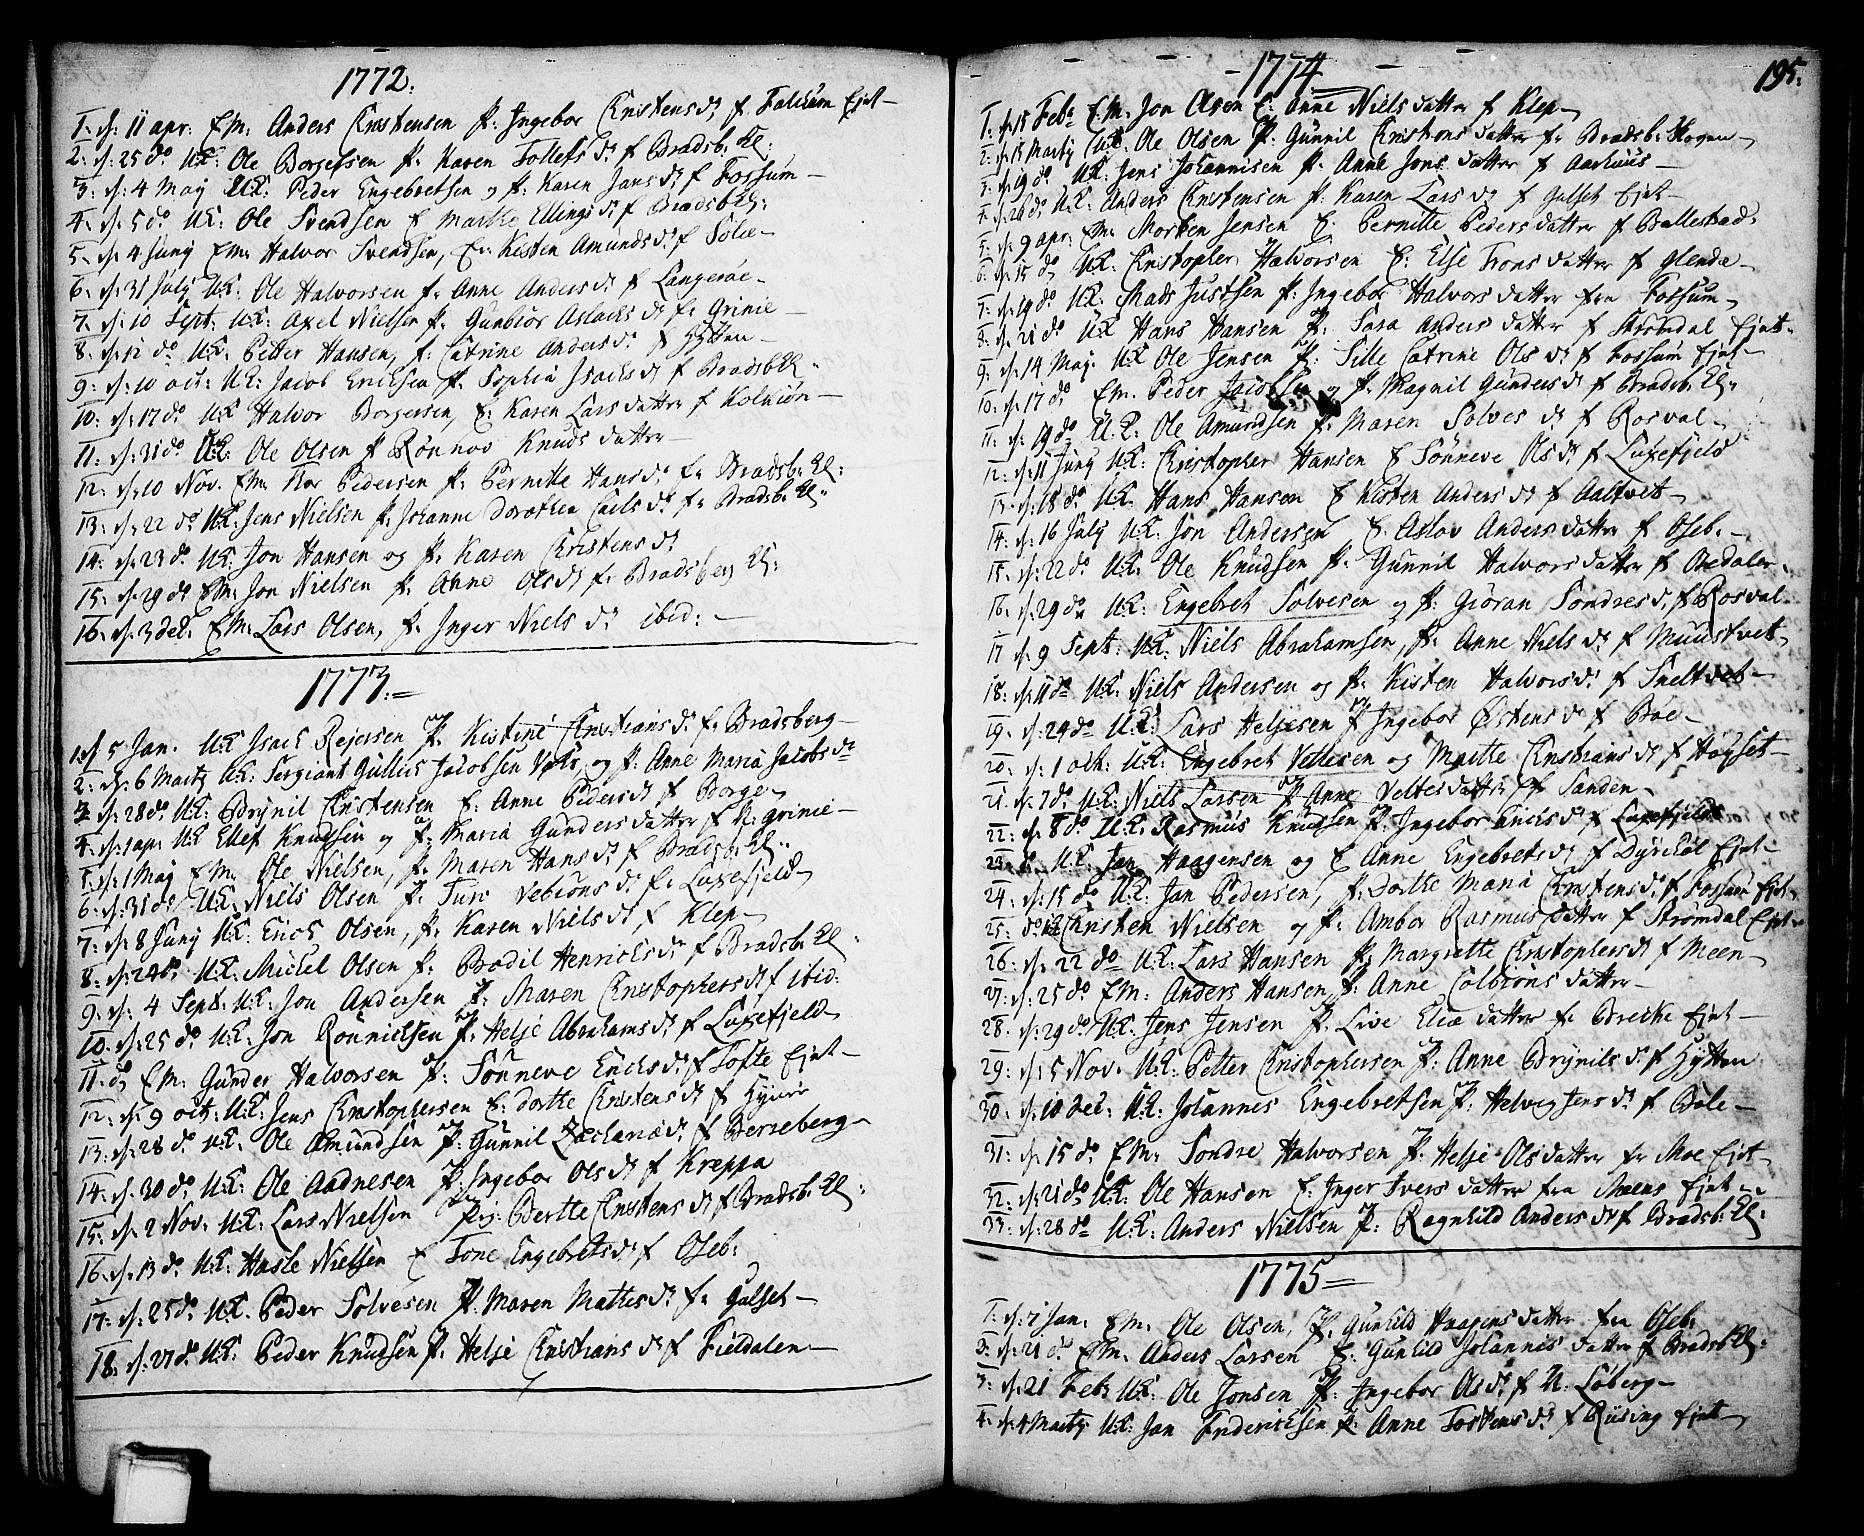 SAKO, Gjerpen kirkebøker, F/Fa/L0002: Ministerialbok nr. 2, 1747-1795, s. 195